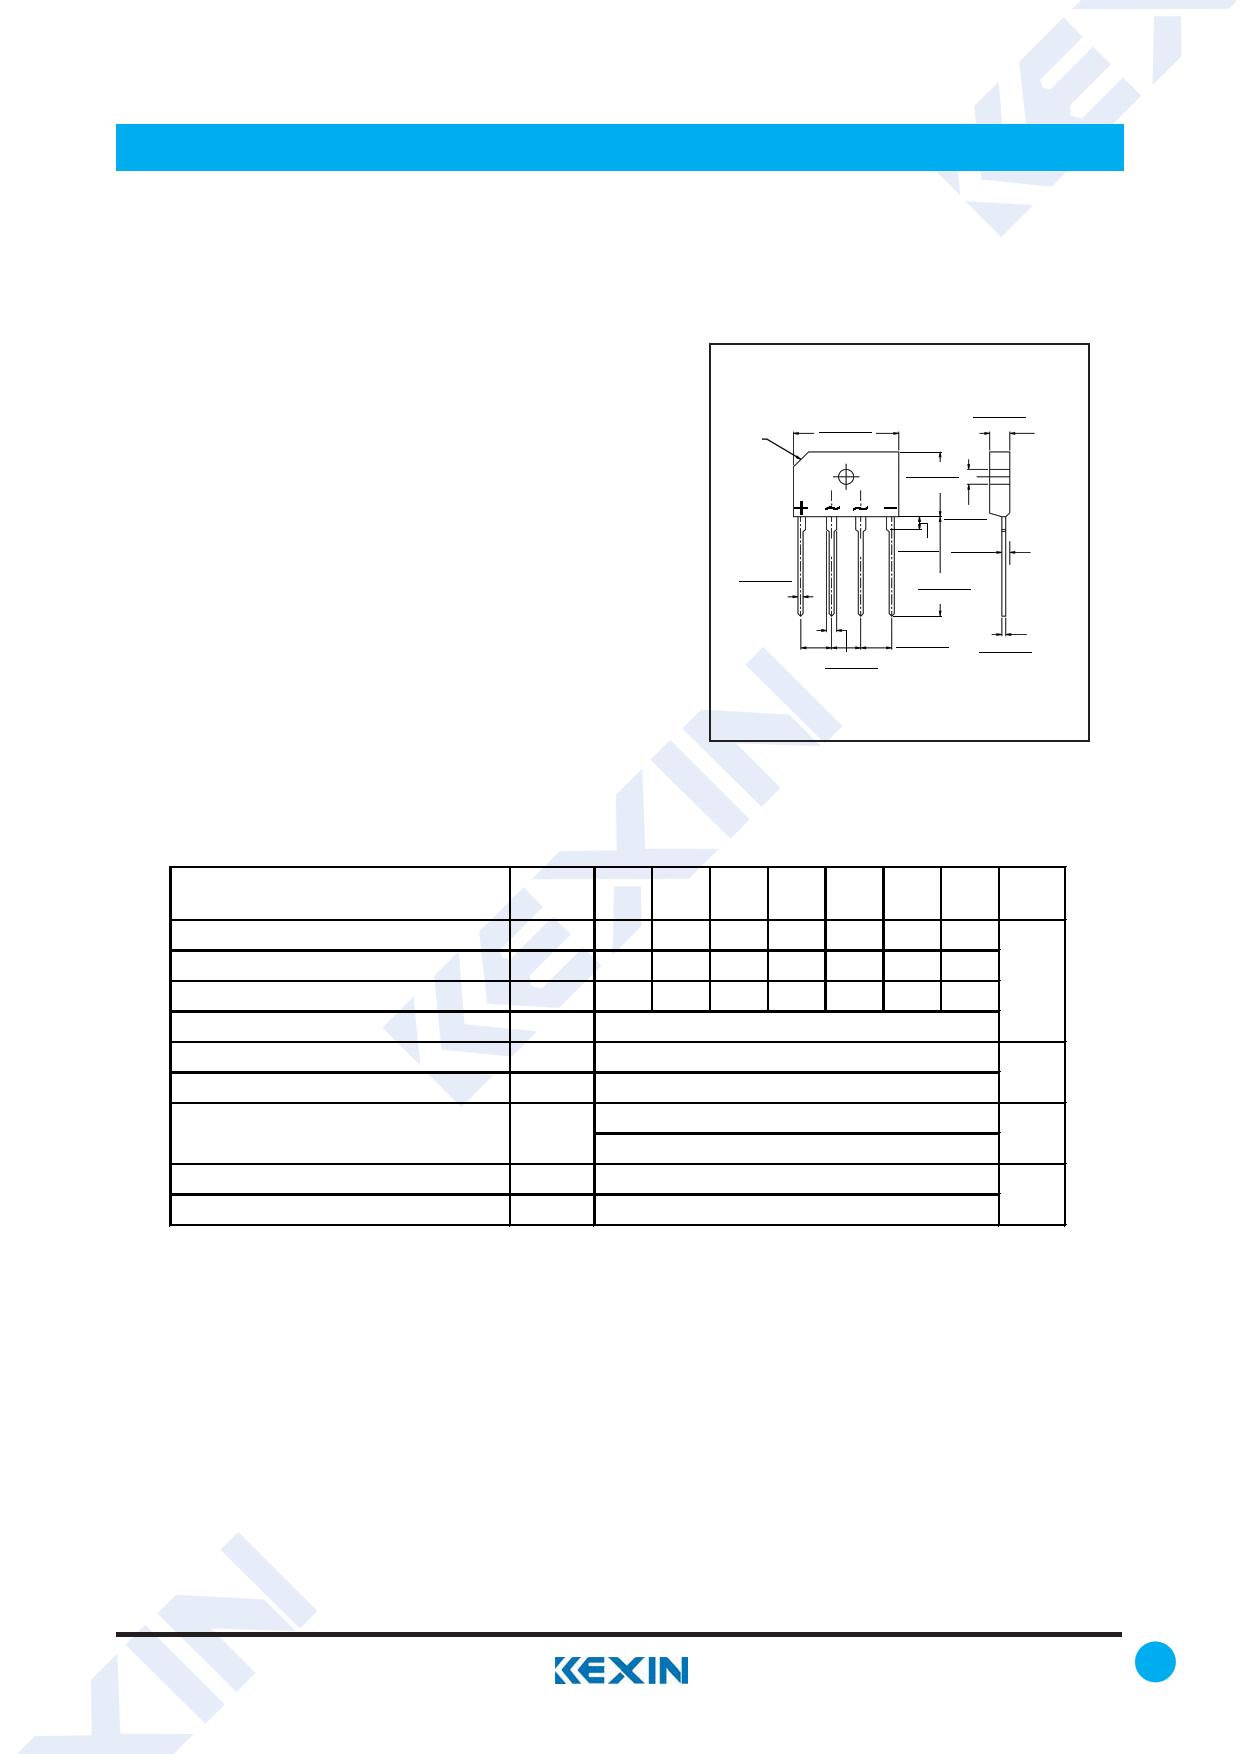 TS6B05G 데이터시트 및 TS6B05G PDF